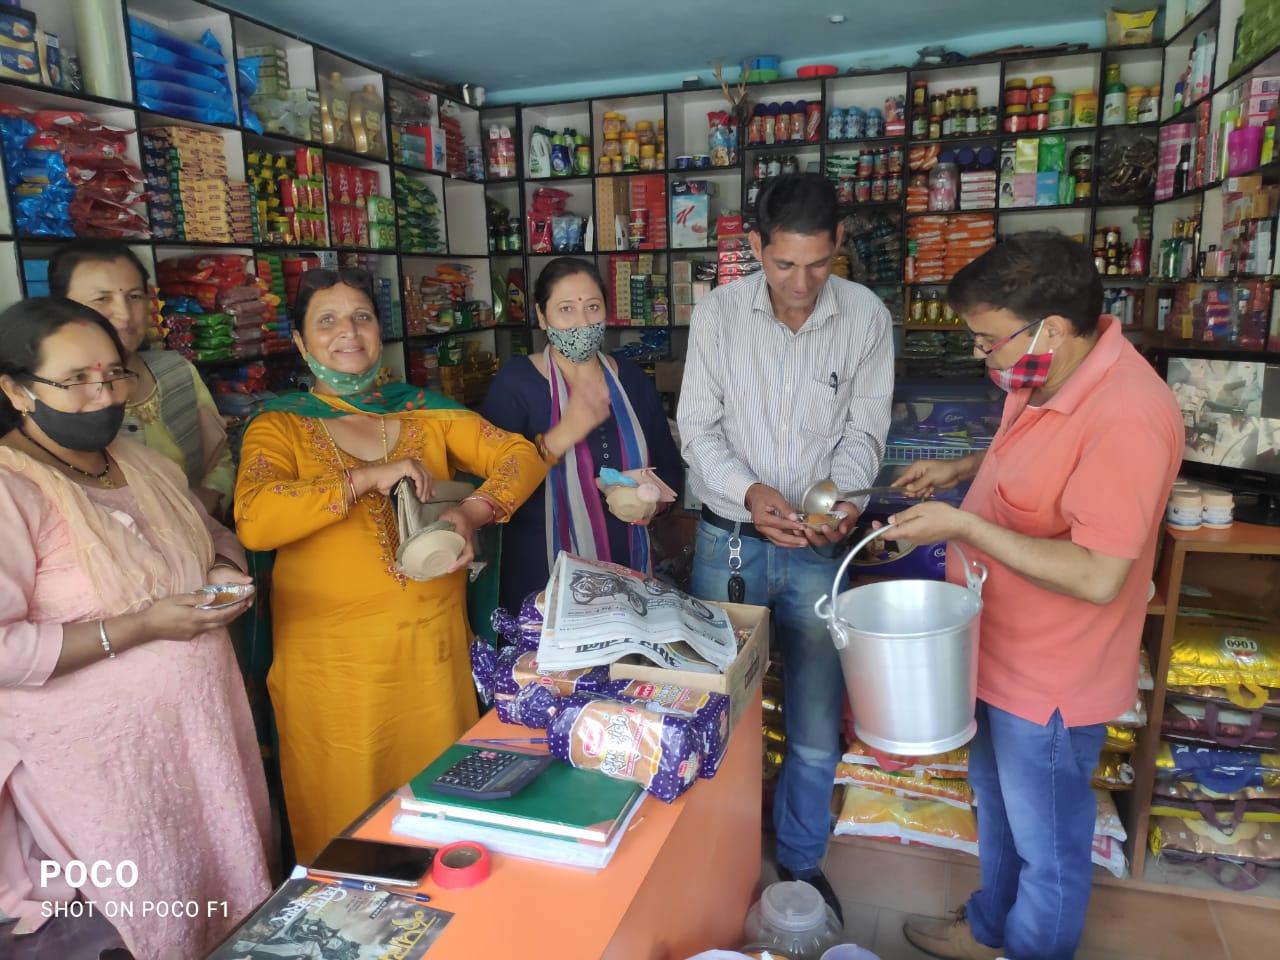 निरमण्ड में SDM कार्यालय को कैबिनेट से मंजूरी के बाद भाजपा में ख़ुशी का माहौल, घी का हलवा बांट मनाई ख़ुशी